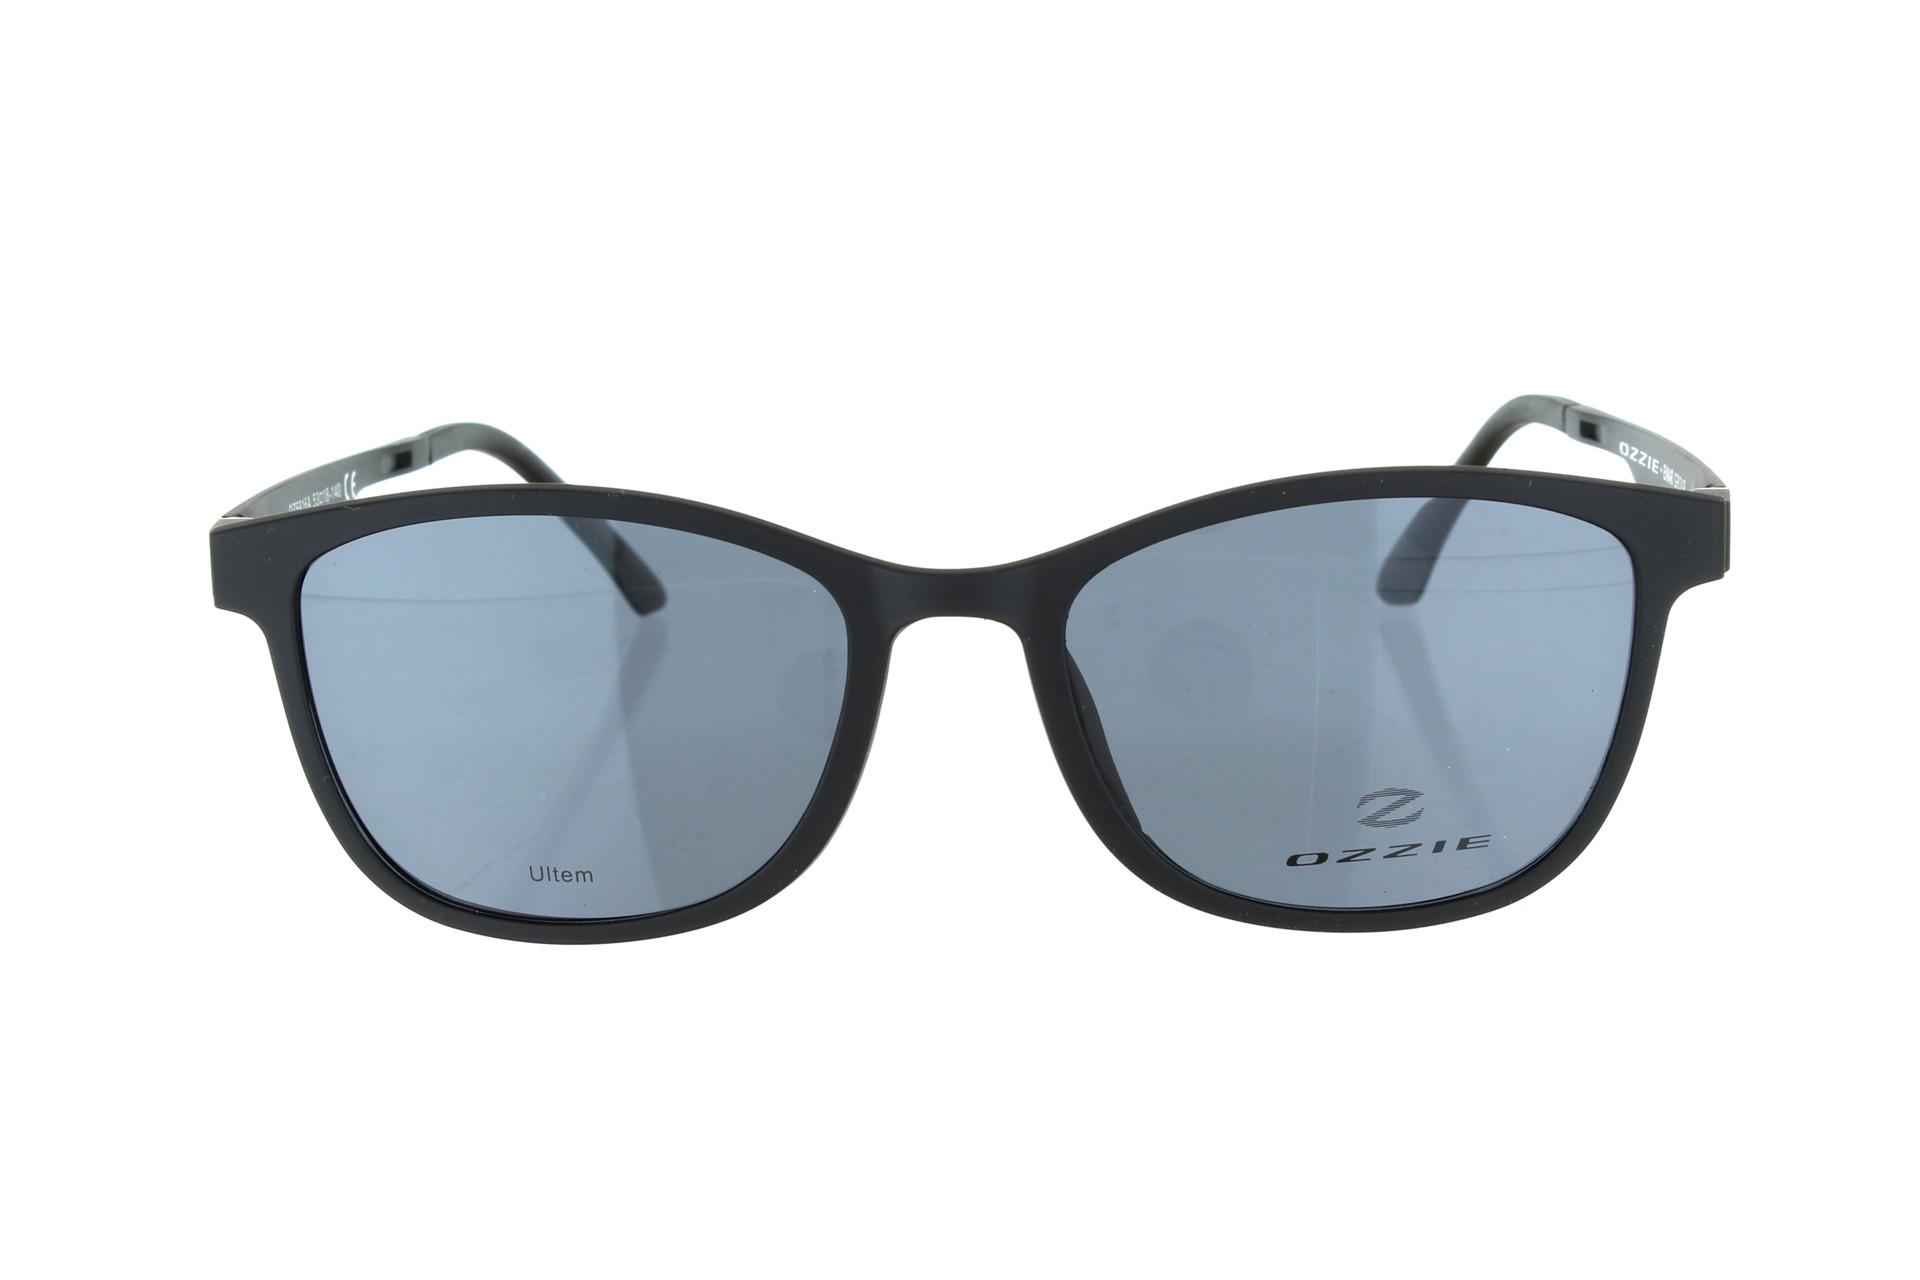 új hiteles sok stílus hivatalos áruház Ozzie Einar Group szemüveg - OZ5916A 53-18-140